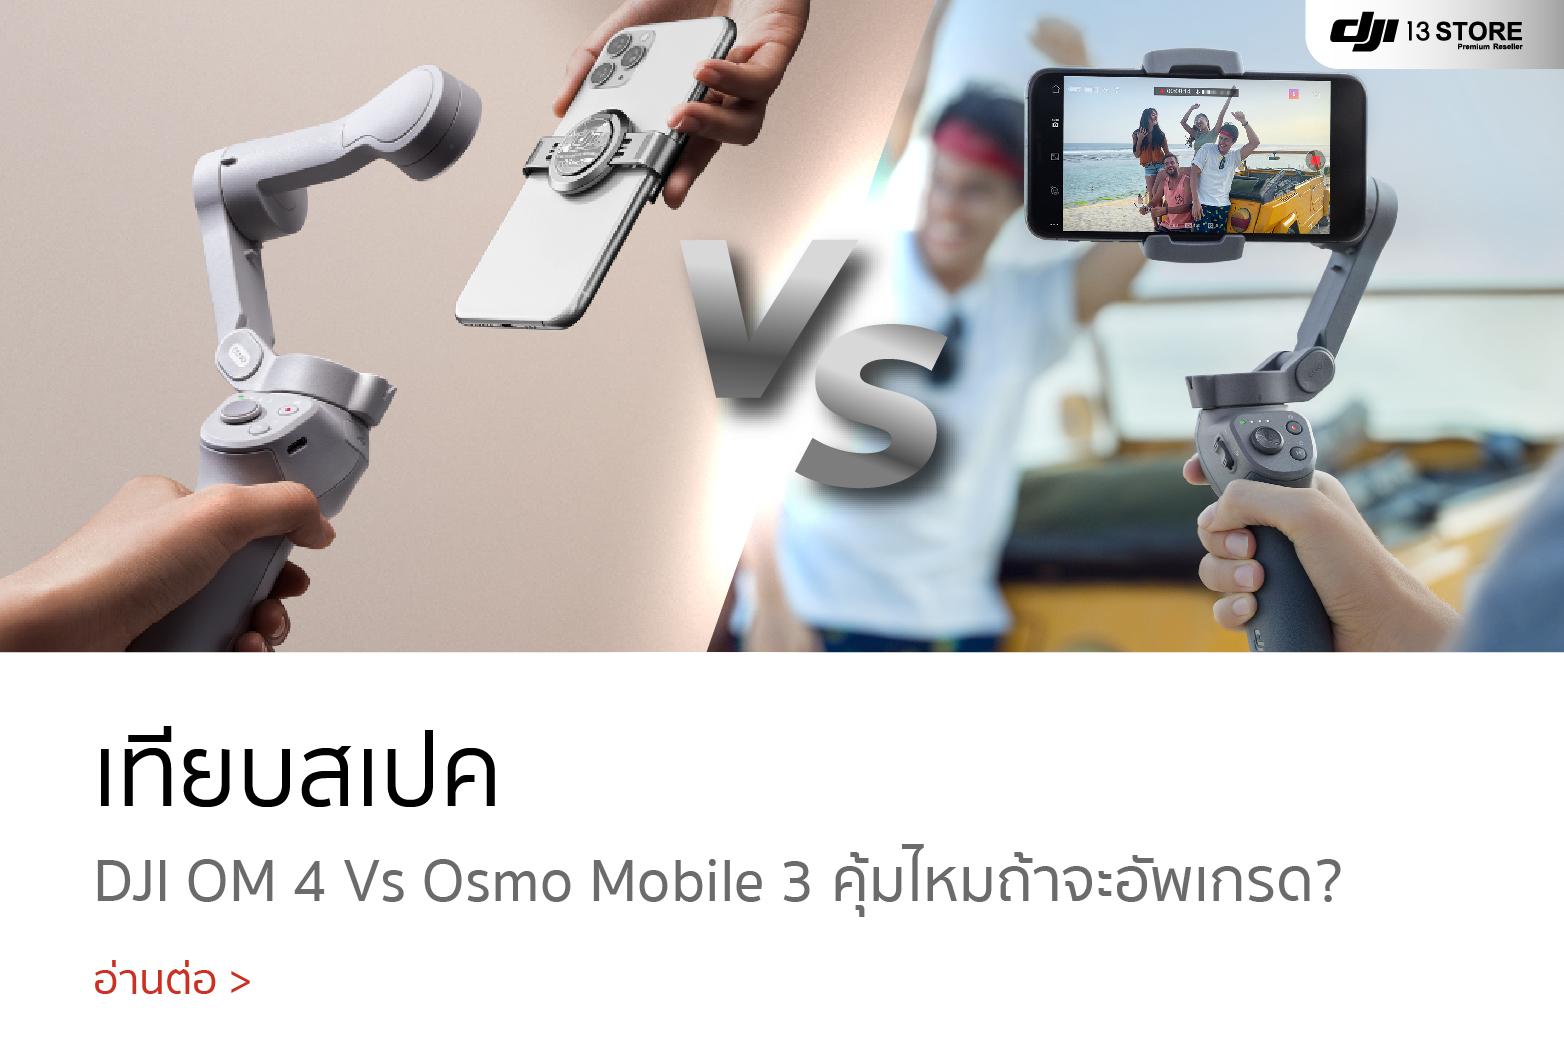 เทียบสเปค DJI OM 4 Vs Osmo Mobile 3 คุ้มไหมถ้าจะอัพเกรด?